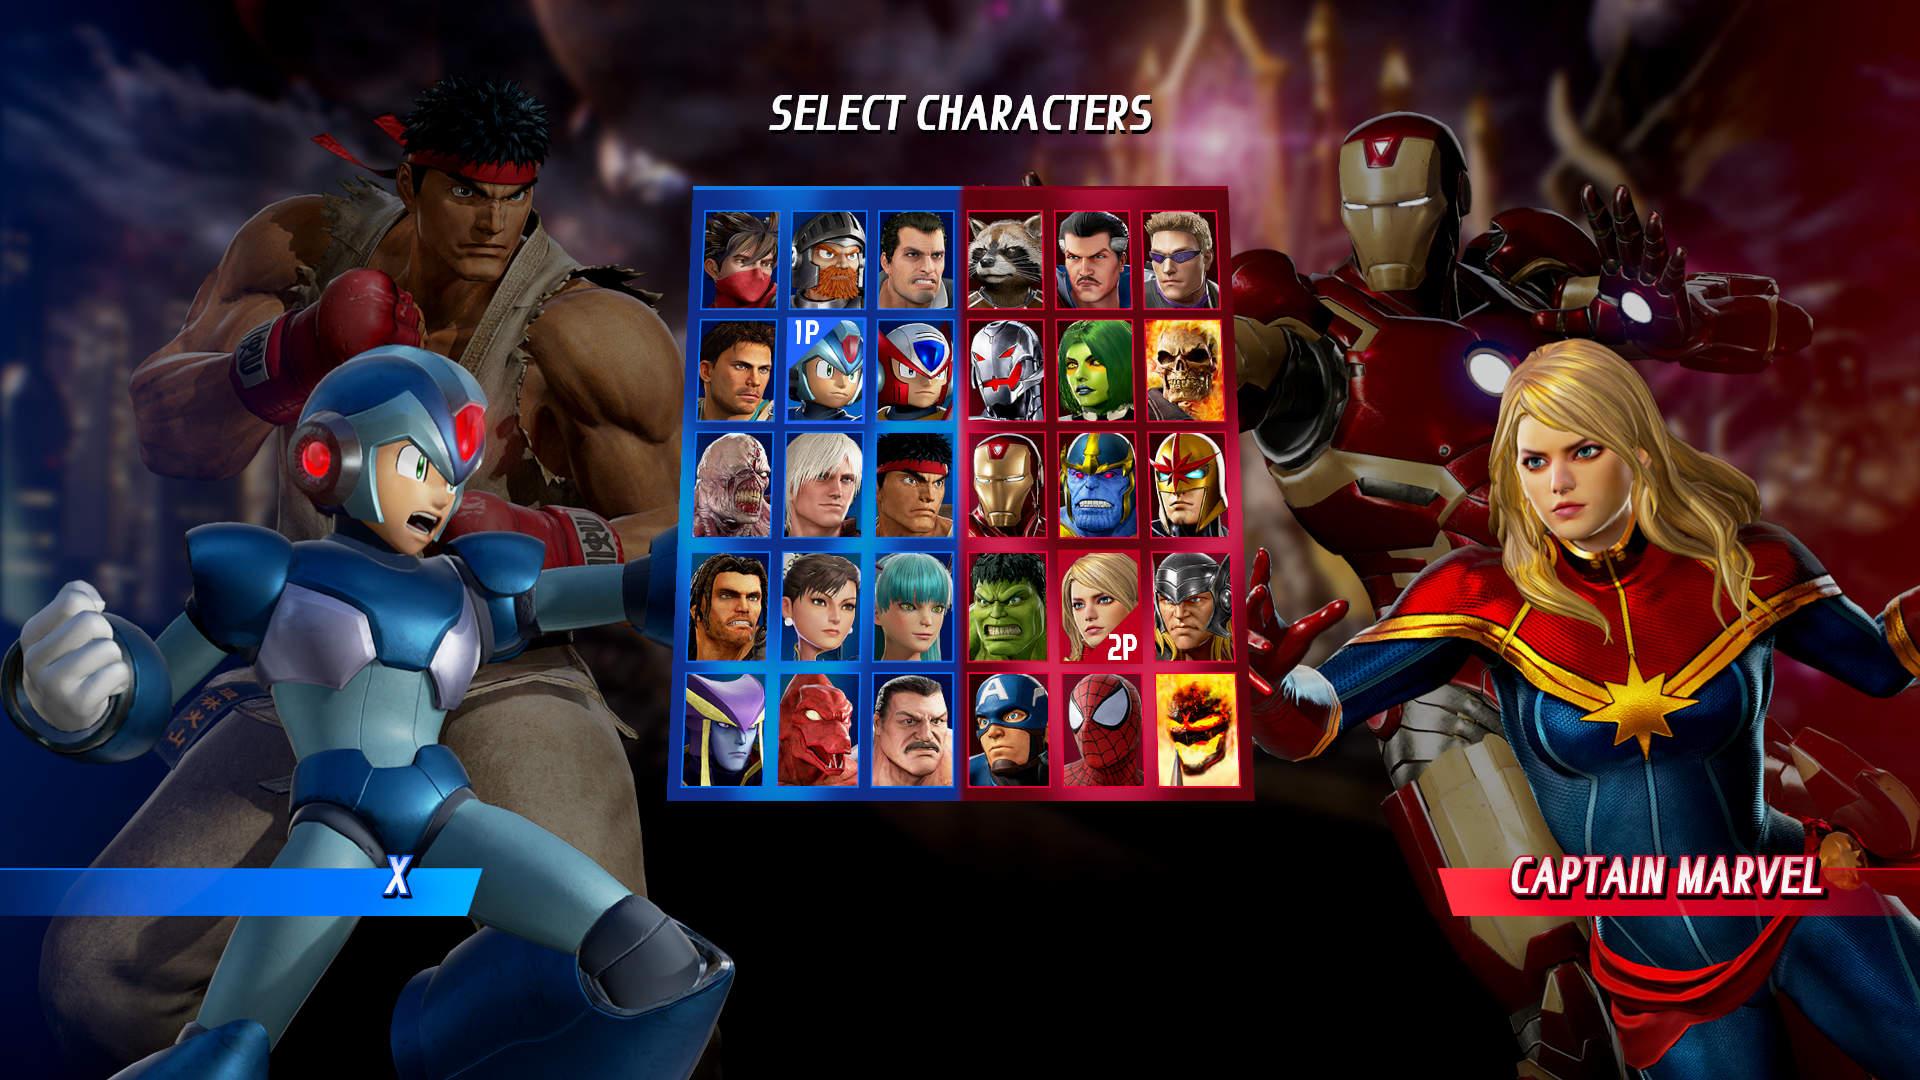 Seleção de personagens Marvel